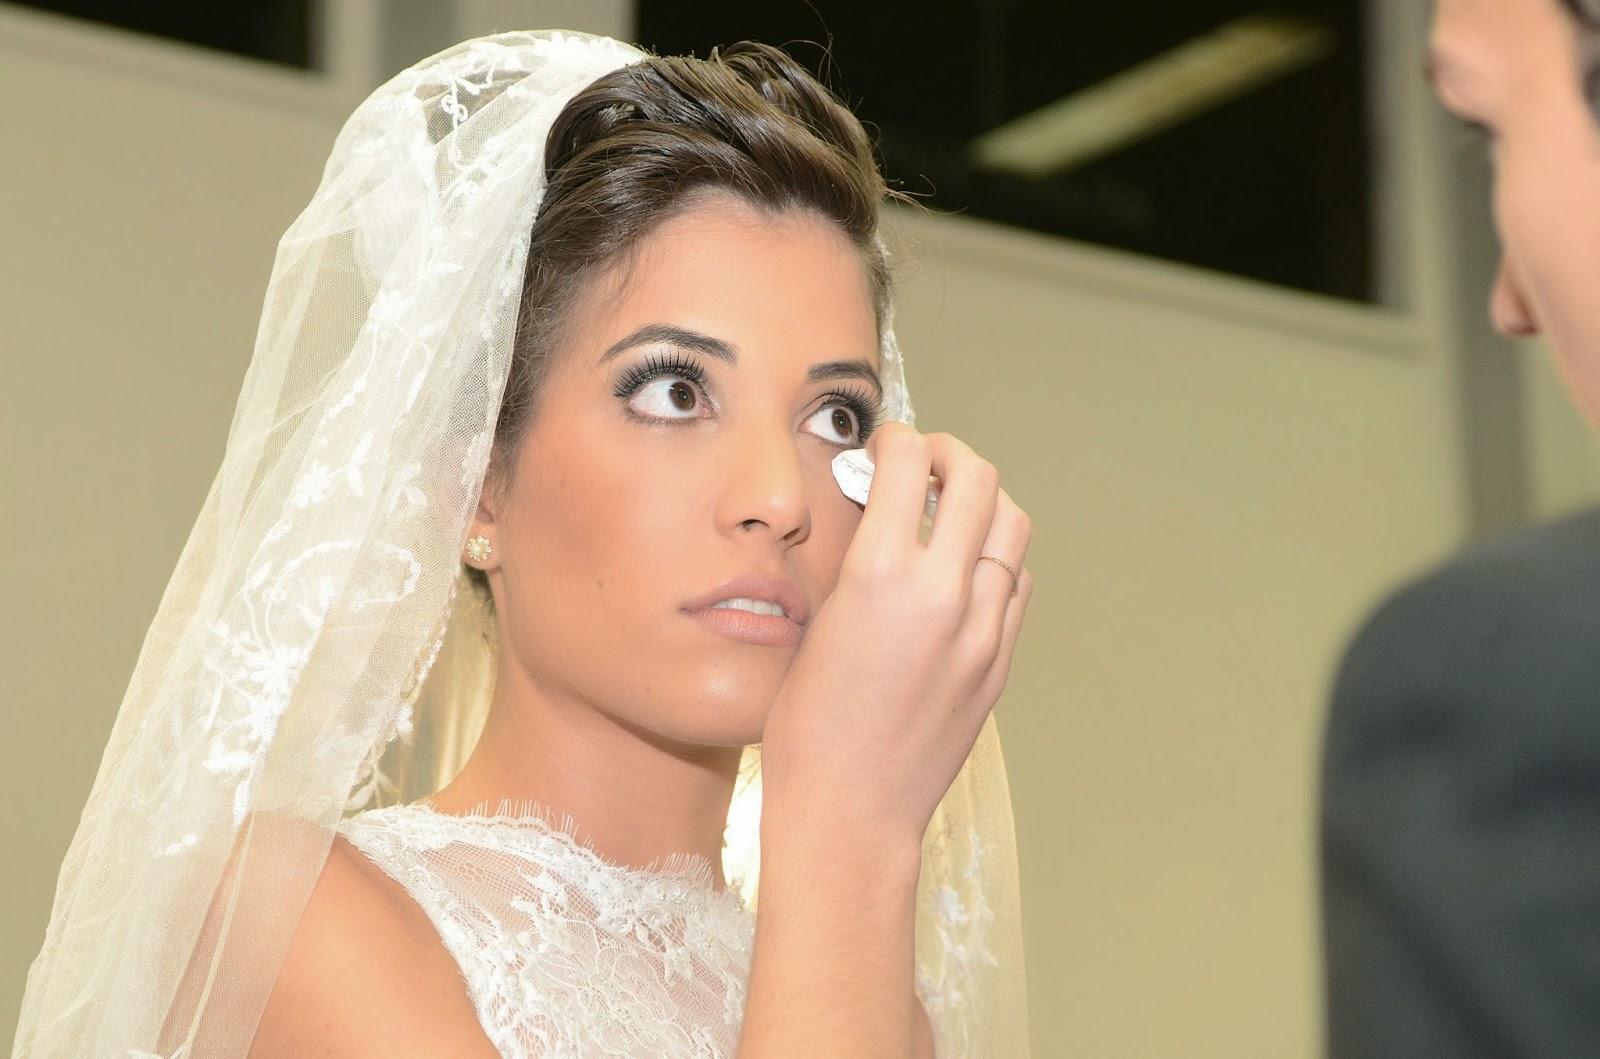 cerimônia - altar - noiva - emoção - noiva emocionada - véu - lágrimas de alegria